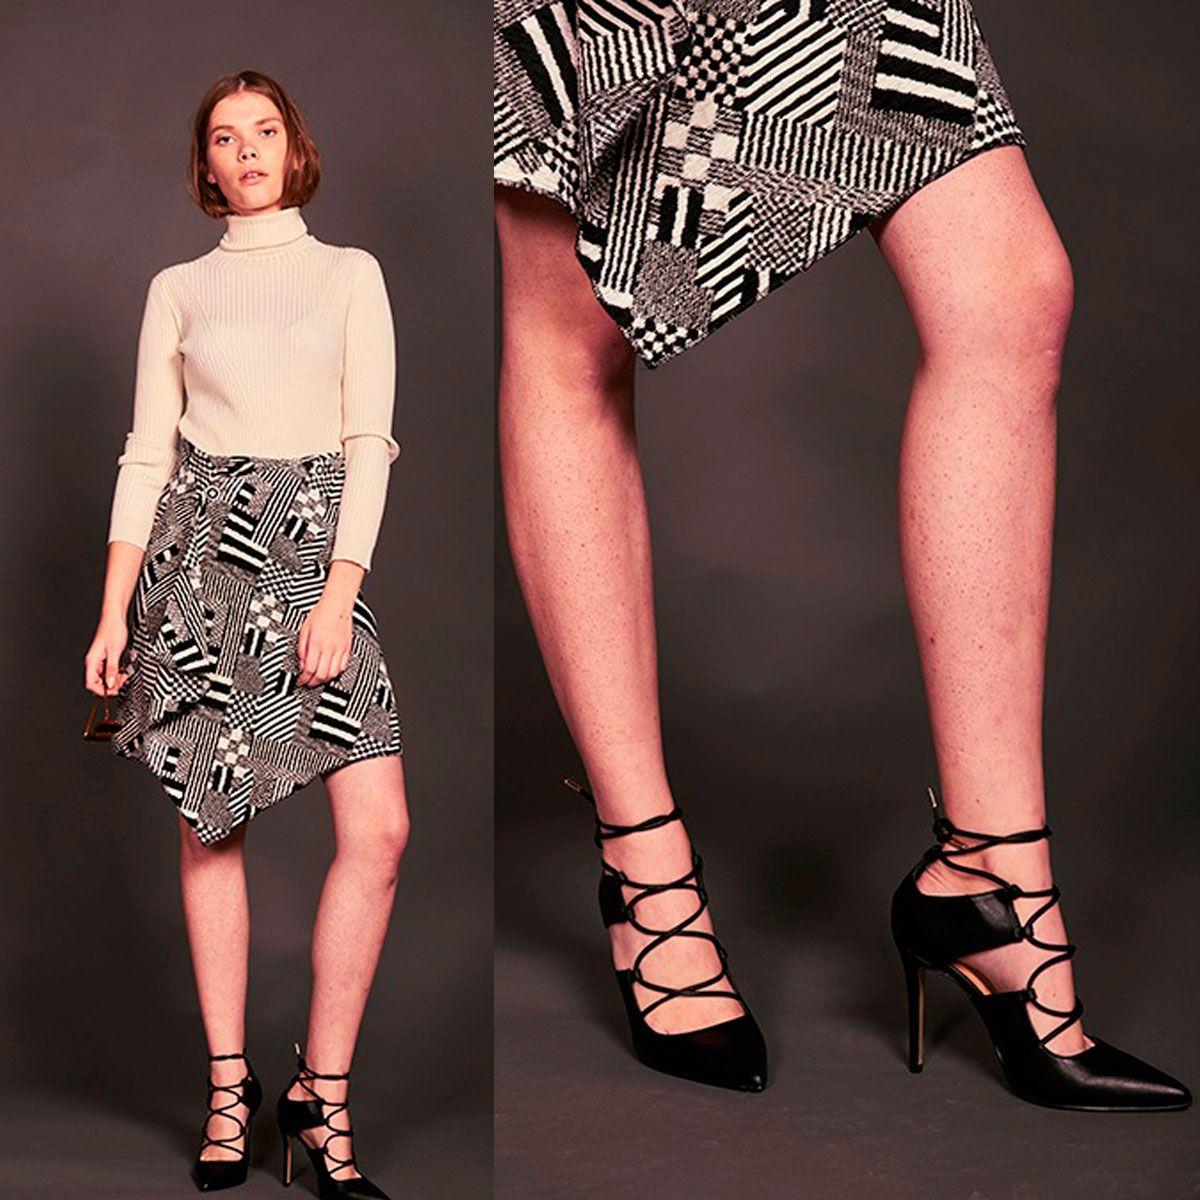 A tiempos revueltos, ¡buena cara!😁 Te proponemos para el fin de semana el zapato perfecto de entretiempo.  Mod. JESSICA >>> http://bit.ly/exe-Zapato-CÓCTEL-negro  #exeshoes #exeshoes_spain Look elaborado por : #telva para el #shoppingbytelva